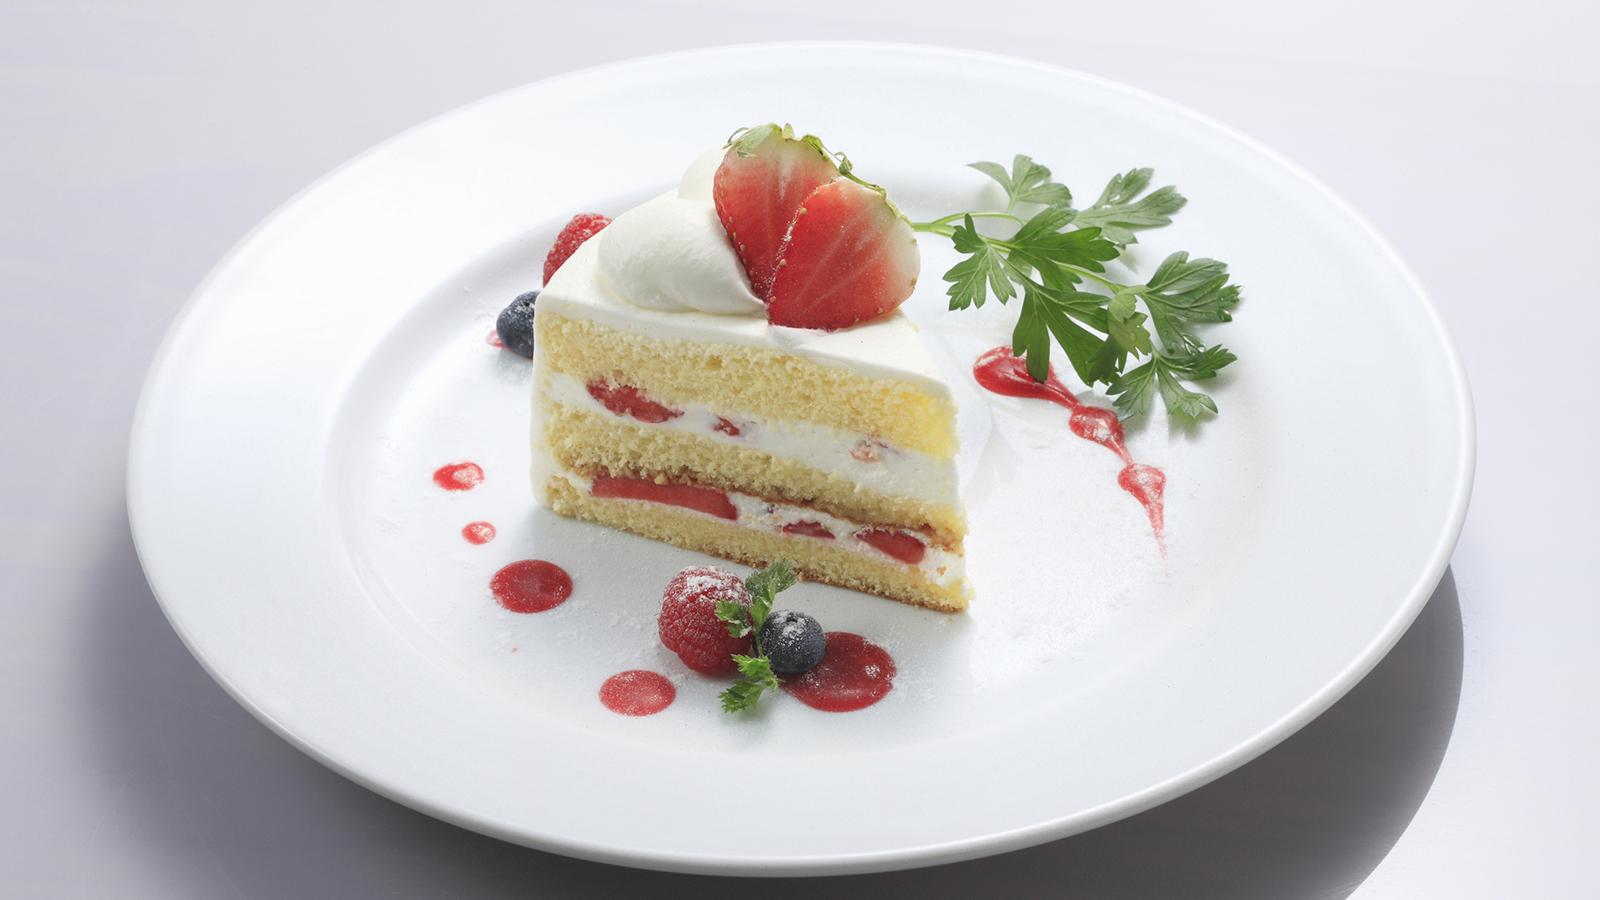 糖質制限中でもショートケーキが食べたい!その時にチェックしたいポイントを解説